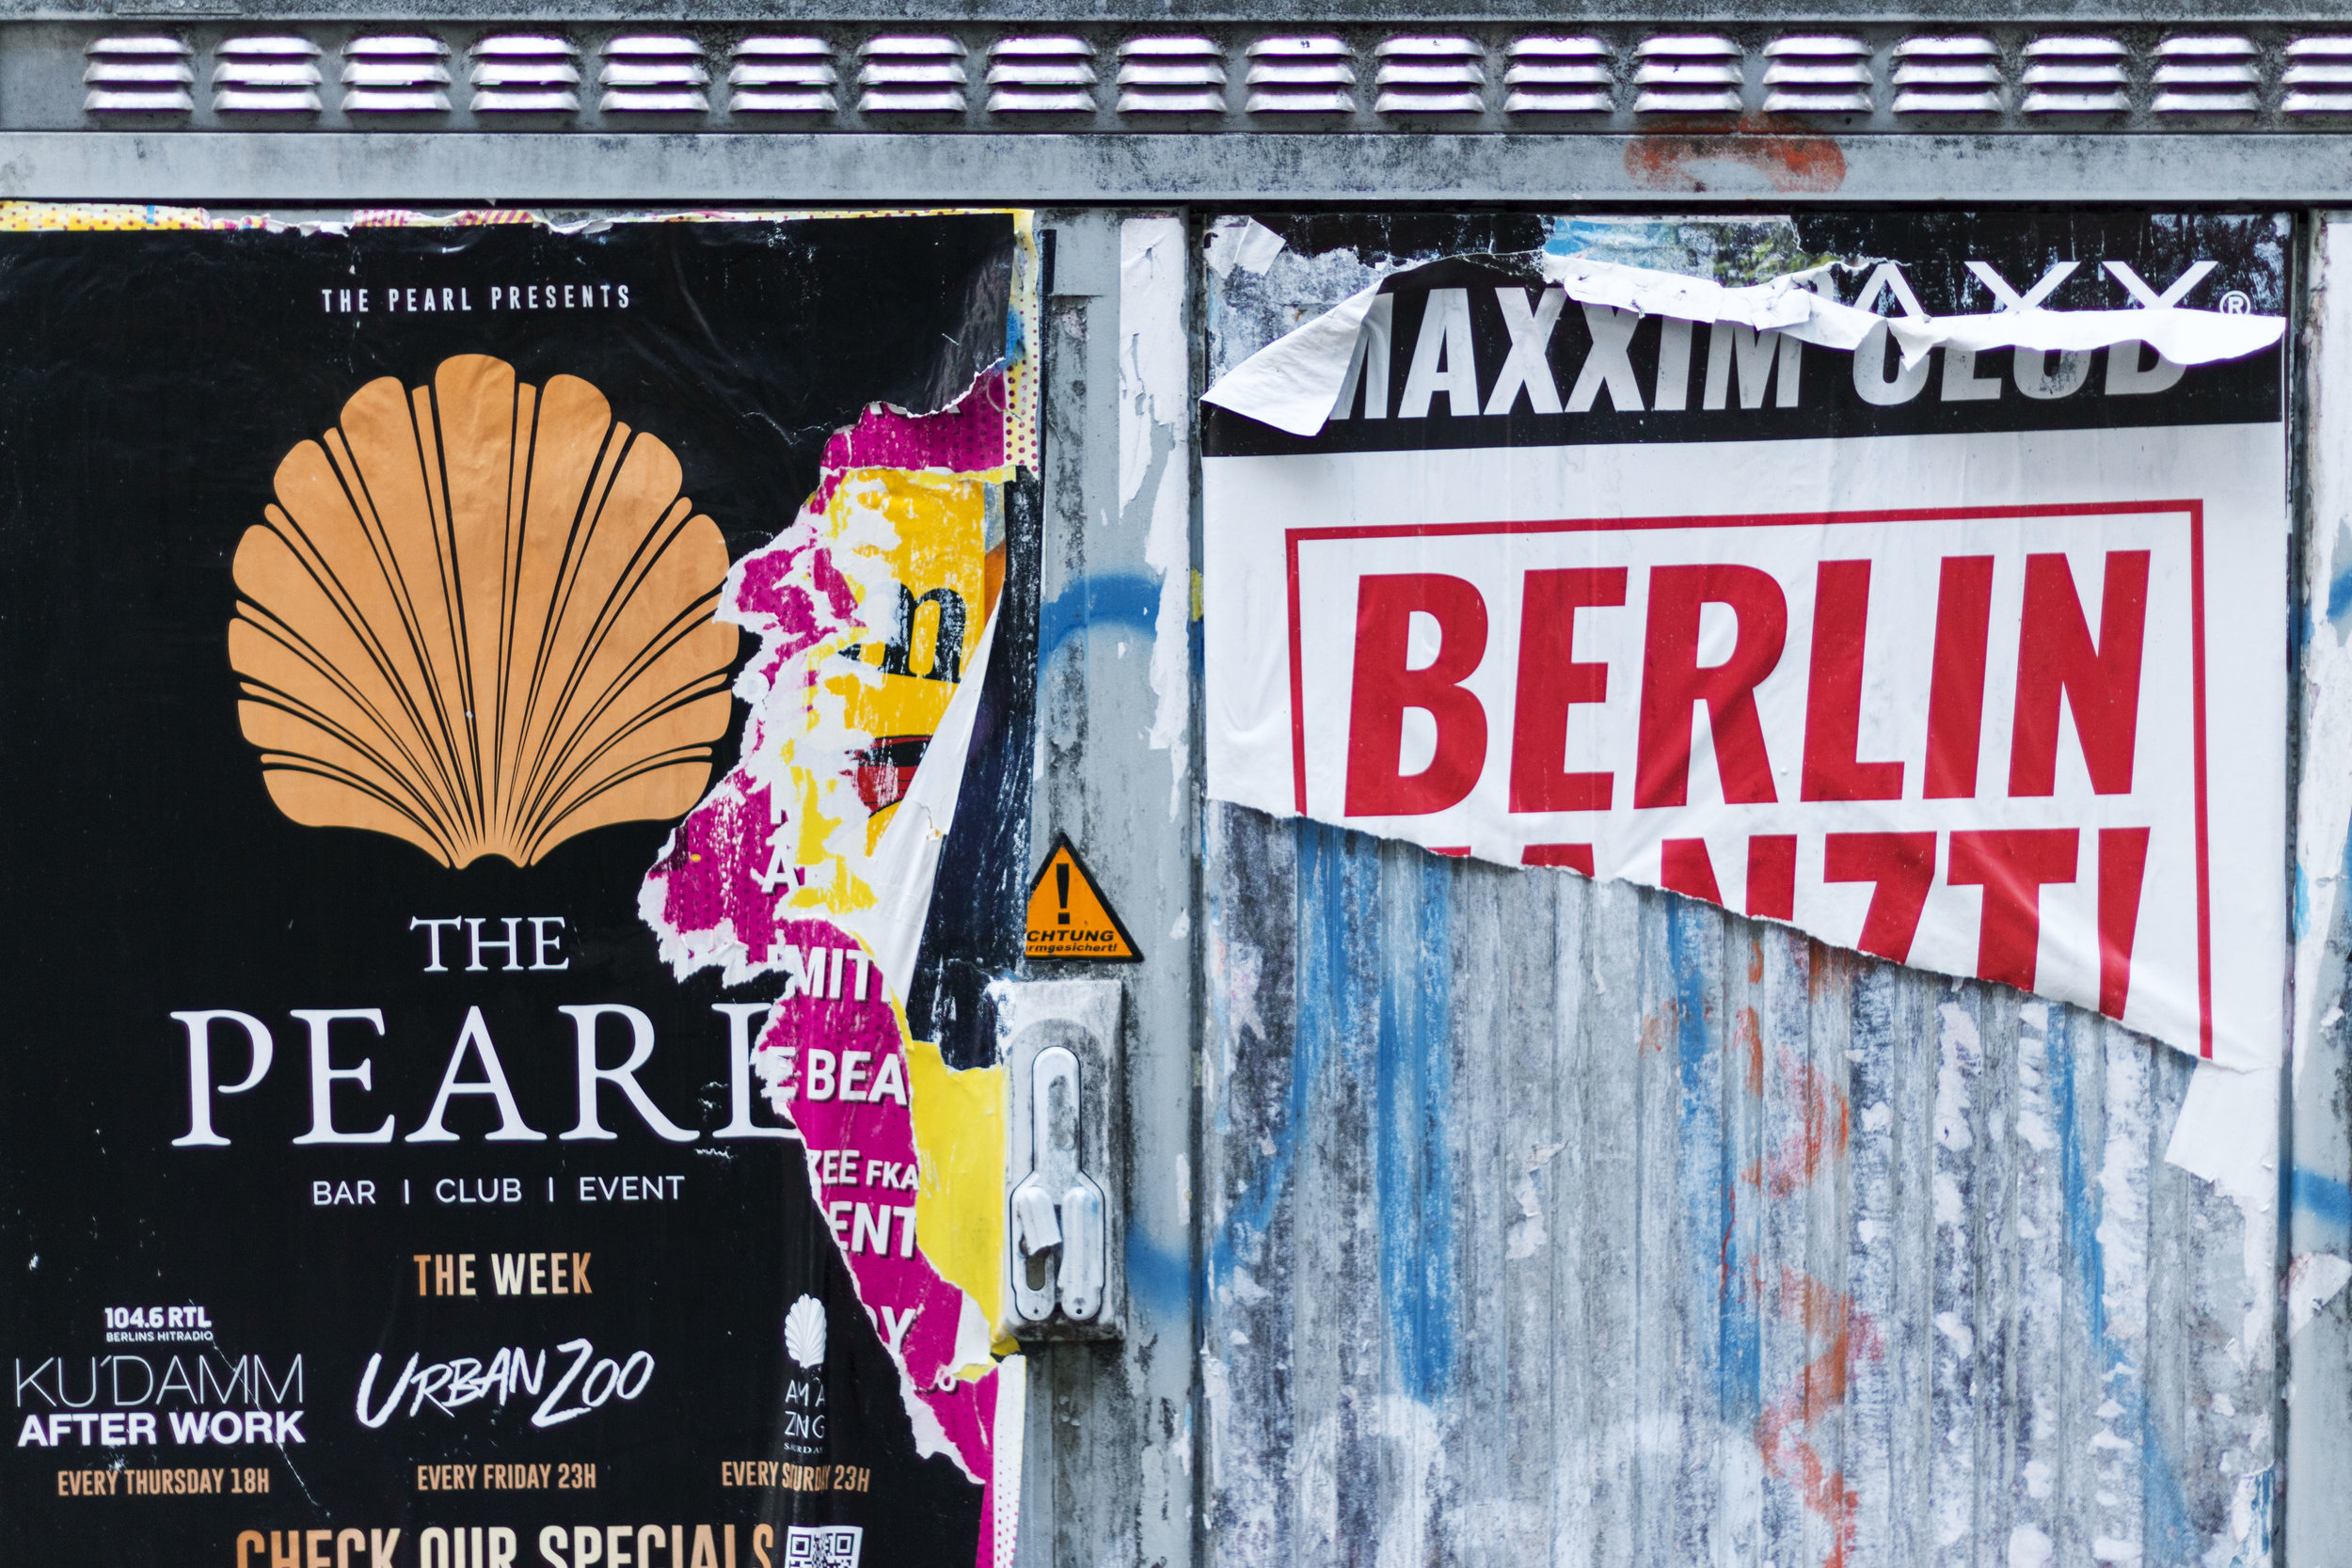 Berlin_4287.jpg